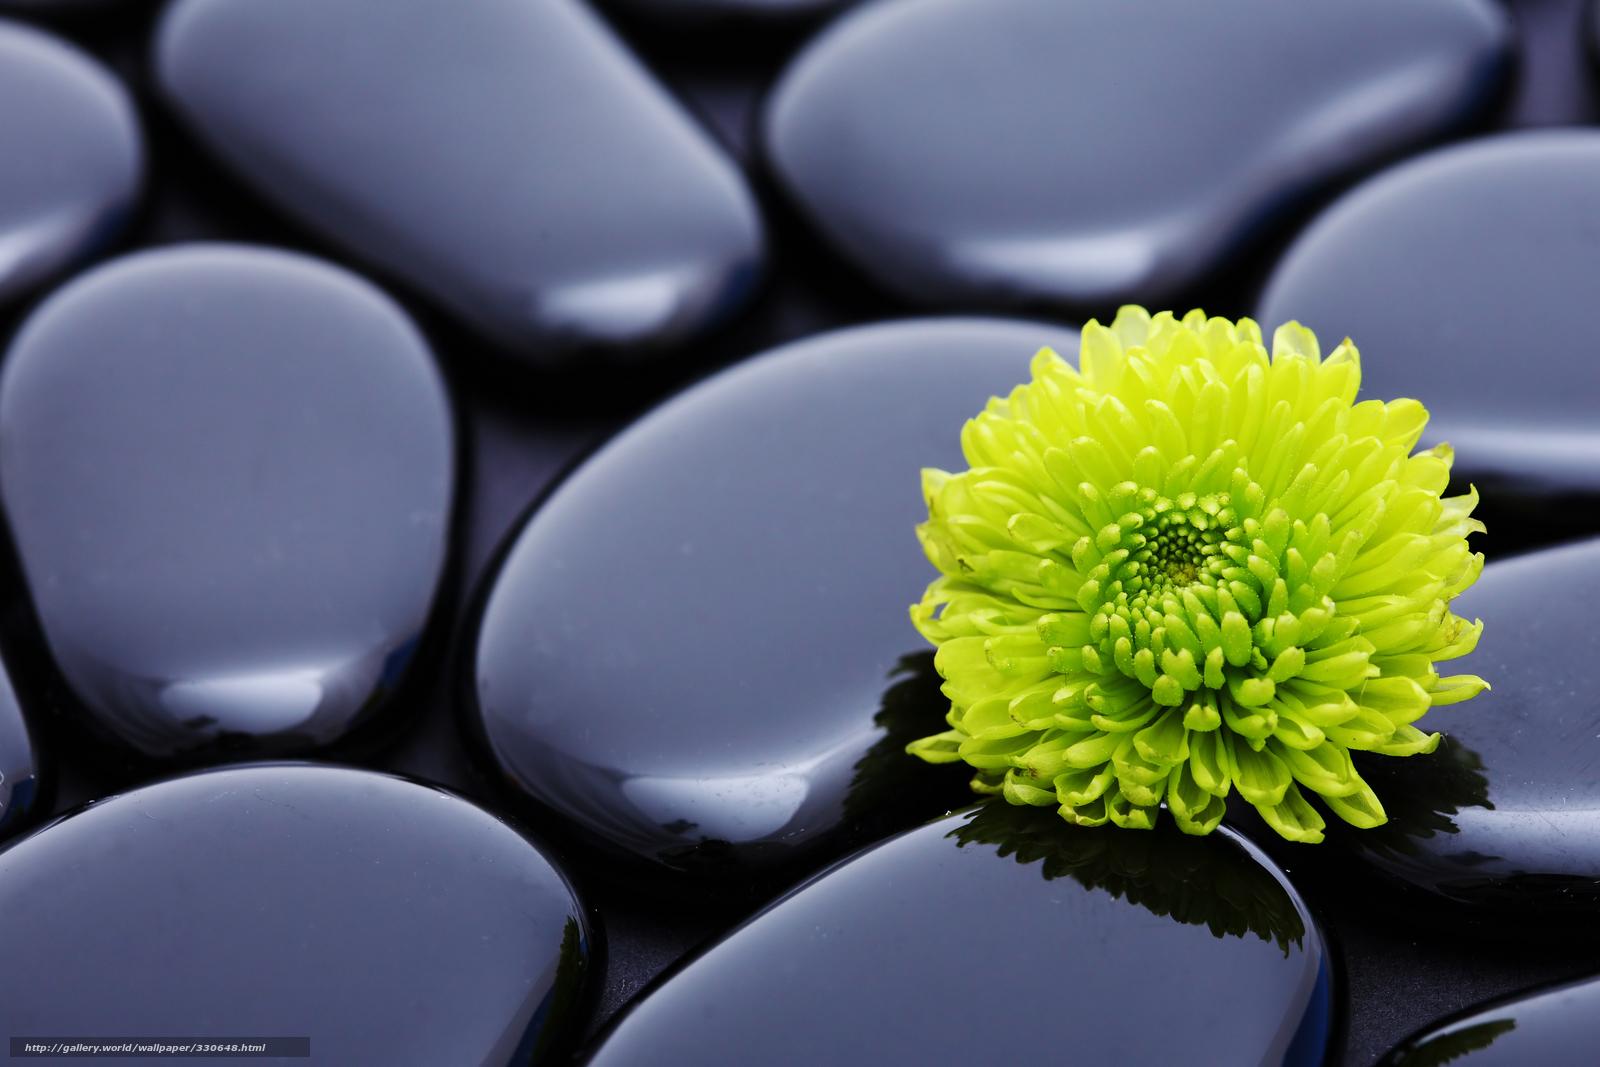 Wallpaper steine blumen  Download Hintergrund Steine, Blume, Chrysantheme, Harmonie Freie ...